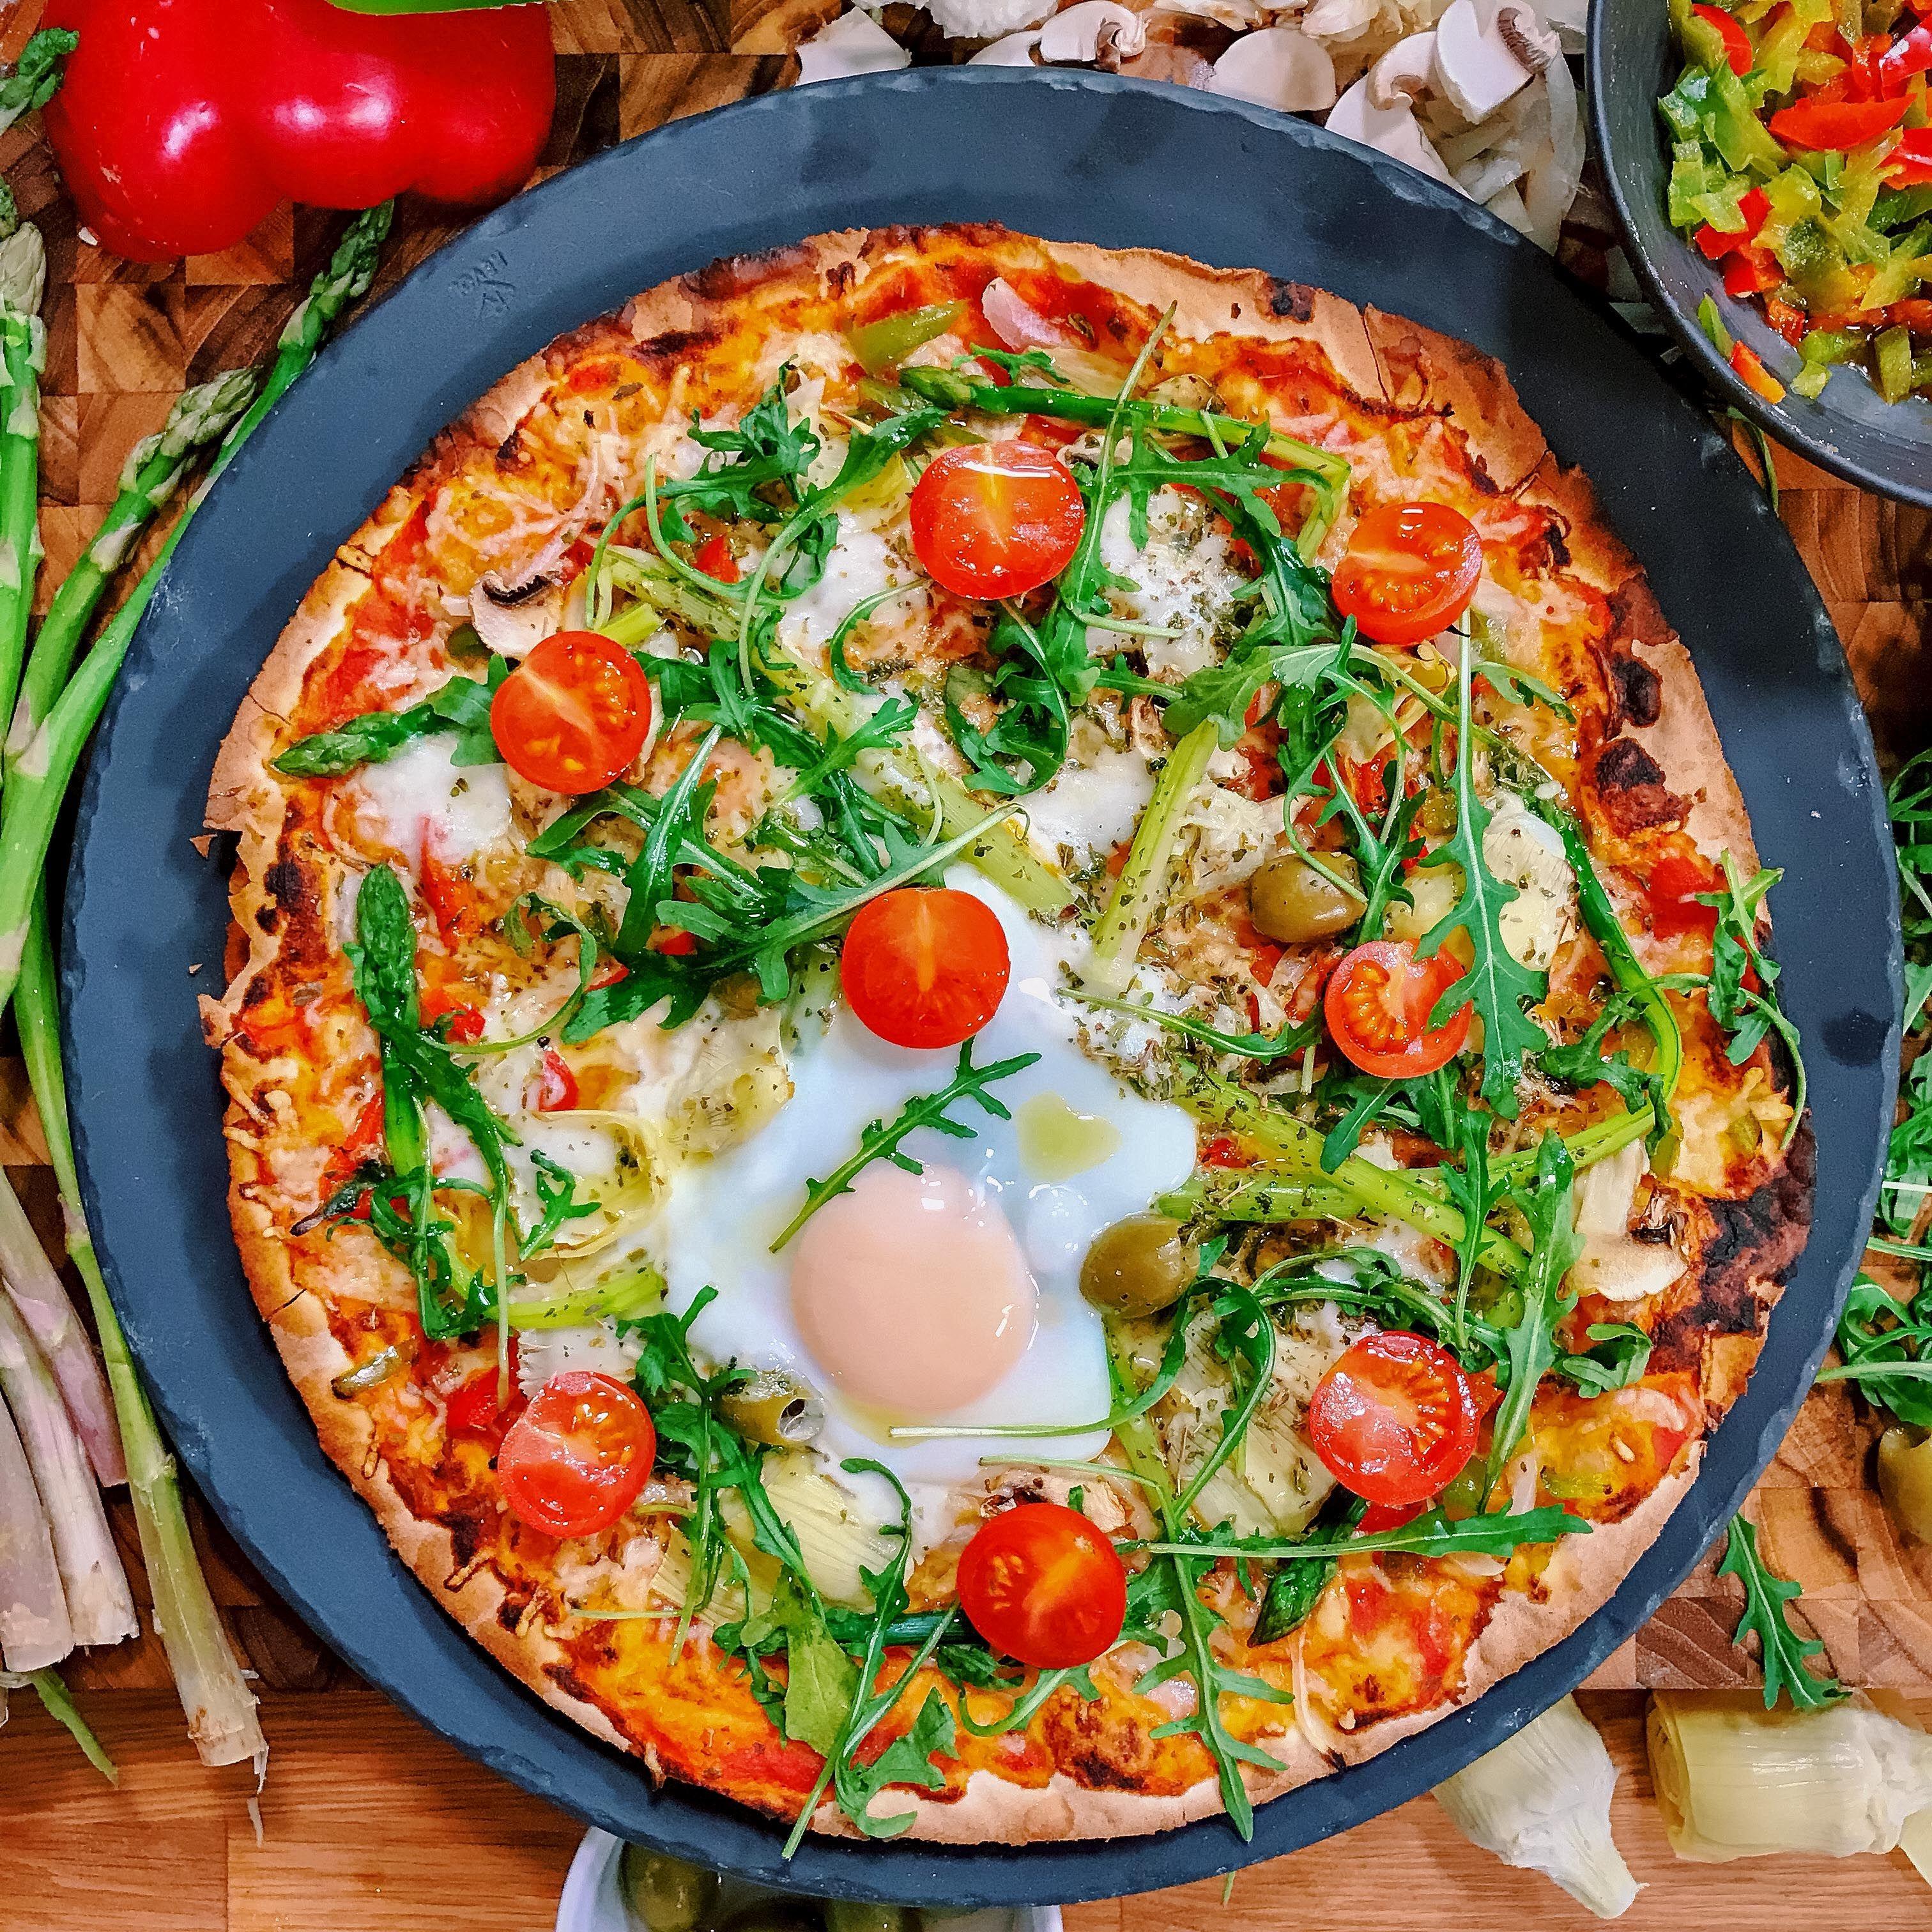 Pizza végétarienne | Recette | Recette pizza, Recette et ...